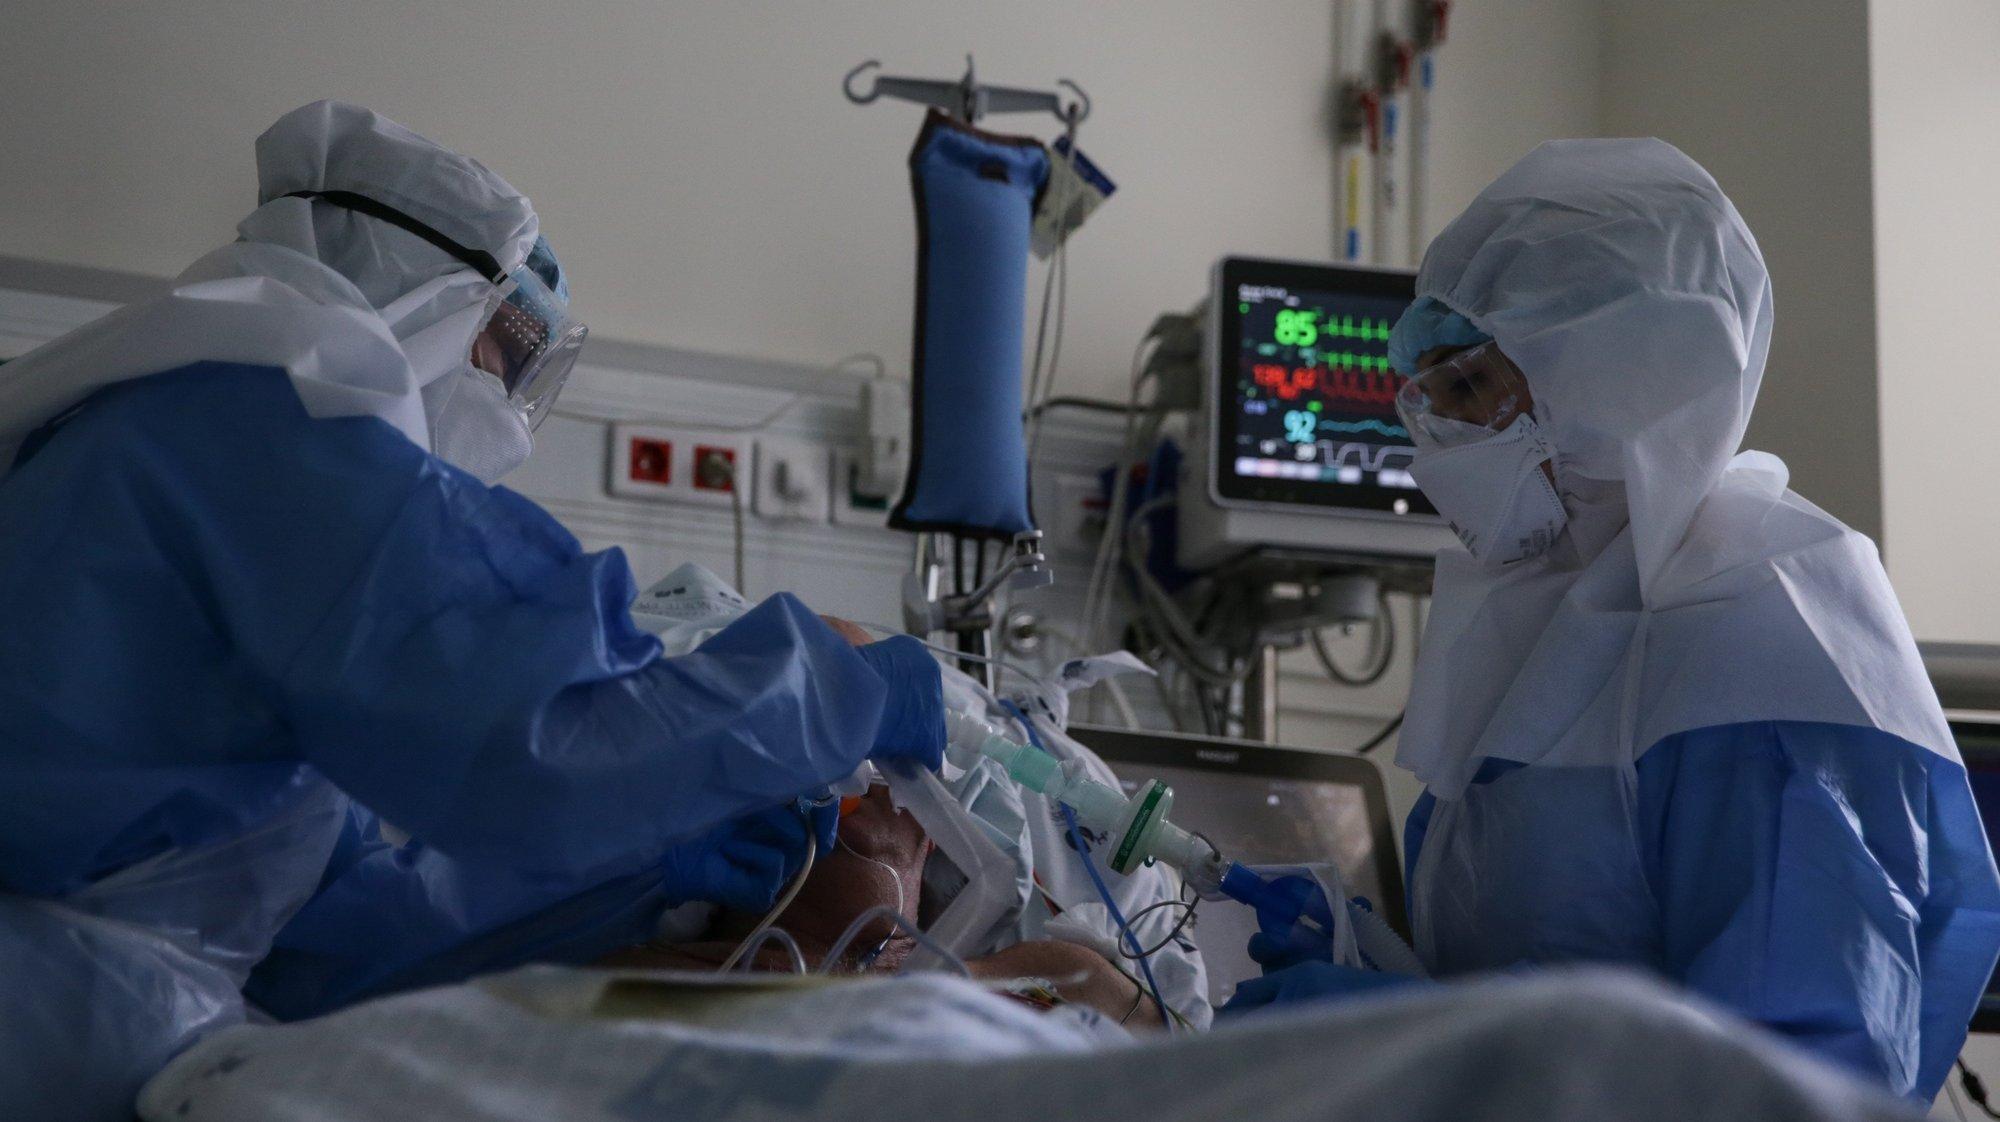 Enfermeiras cuidam de um paciente hospitalizado na Unidade de Cuidados Intensivos Covid 19 do Hospital Santa Maria em Lisboa, 27 de outubro de 2020. A urgência dedicada aos casos suspeitos de covid-19 do Hospital Santa Maria, em Lisboa, reflete a evolução da pandemia em Portugal com doentes a avolumarem-se à porta para realizar o teste e no interior a capacidade quase esgotada. O medo de perder o emprego leva muitos doentes com covid-19 a esconderem que estão infetados e a continuar a trabalhar, disseminando a doença que, nesta fase, começa a ser um caso também social e que leva a muitos internamentos no Santa Maria. (ACOMPANHA TEXTO DA LUSA DE 30 DE OUTUBRO DE 2020) TIAGO PETINGA/LUSA